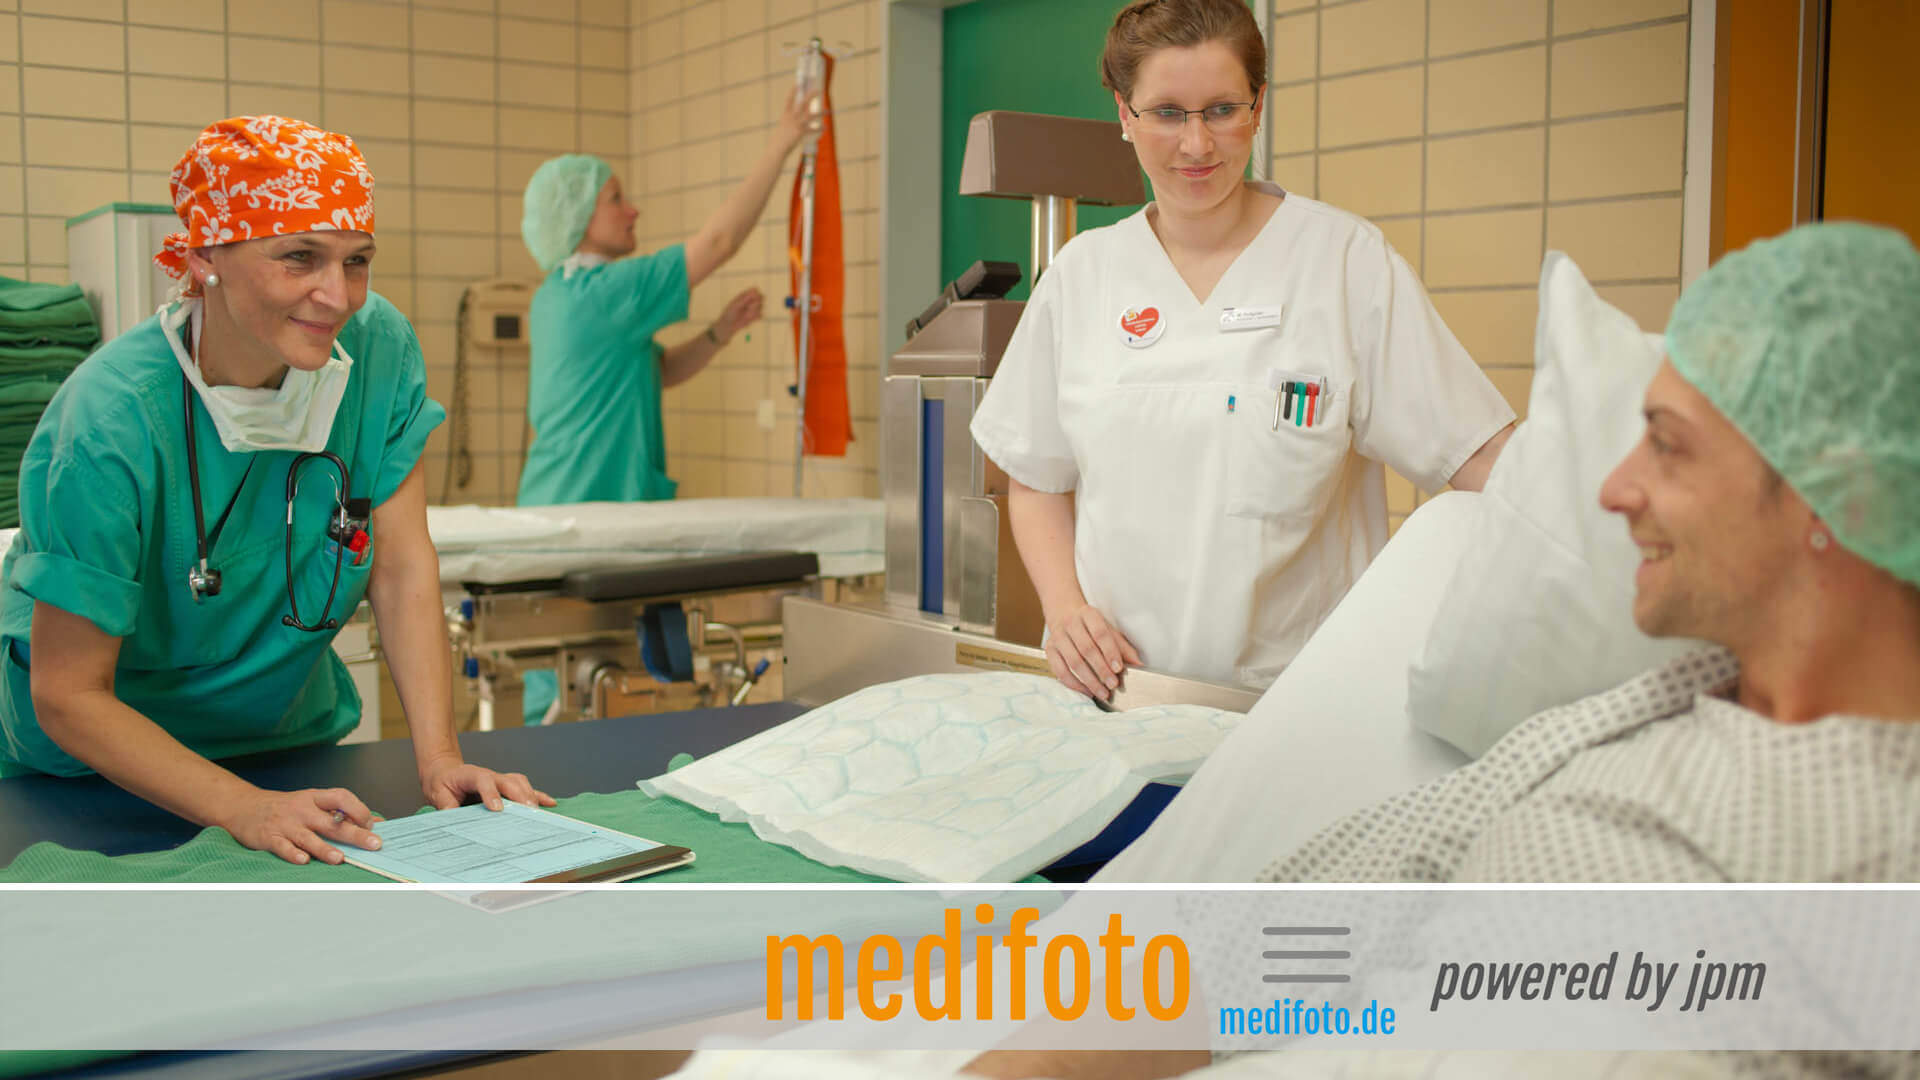 Klinikfoto Medifoto